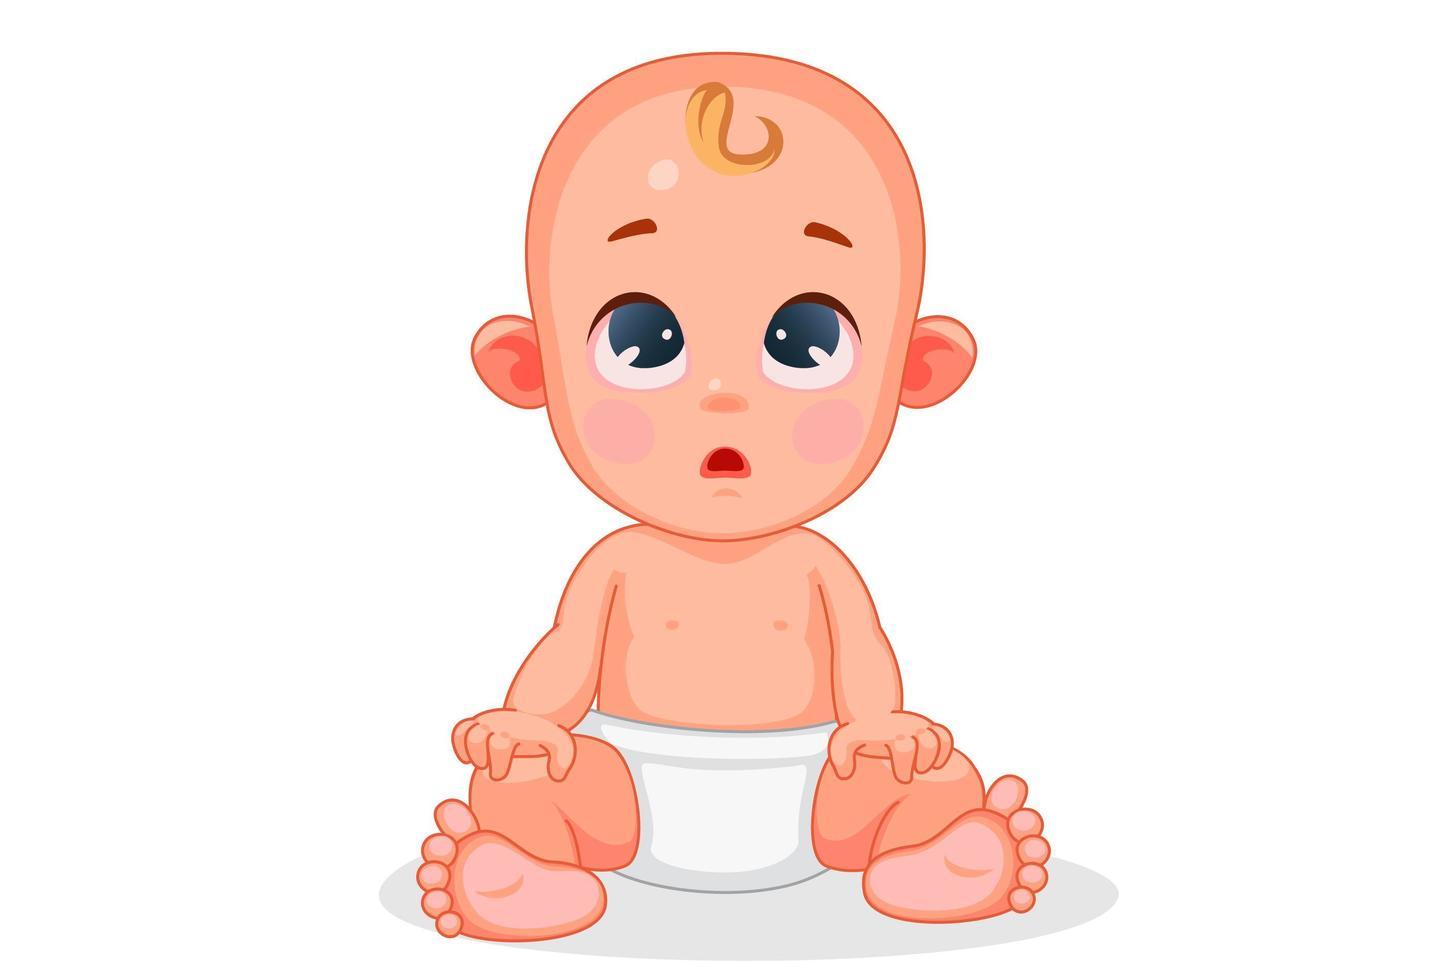 bambino carino con espressione diversa vettore